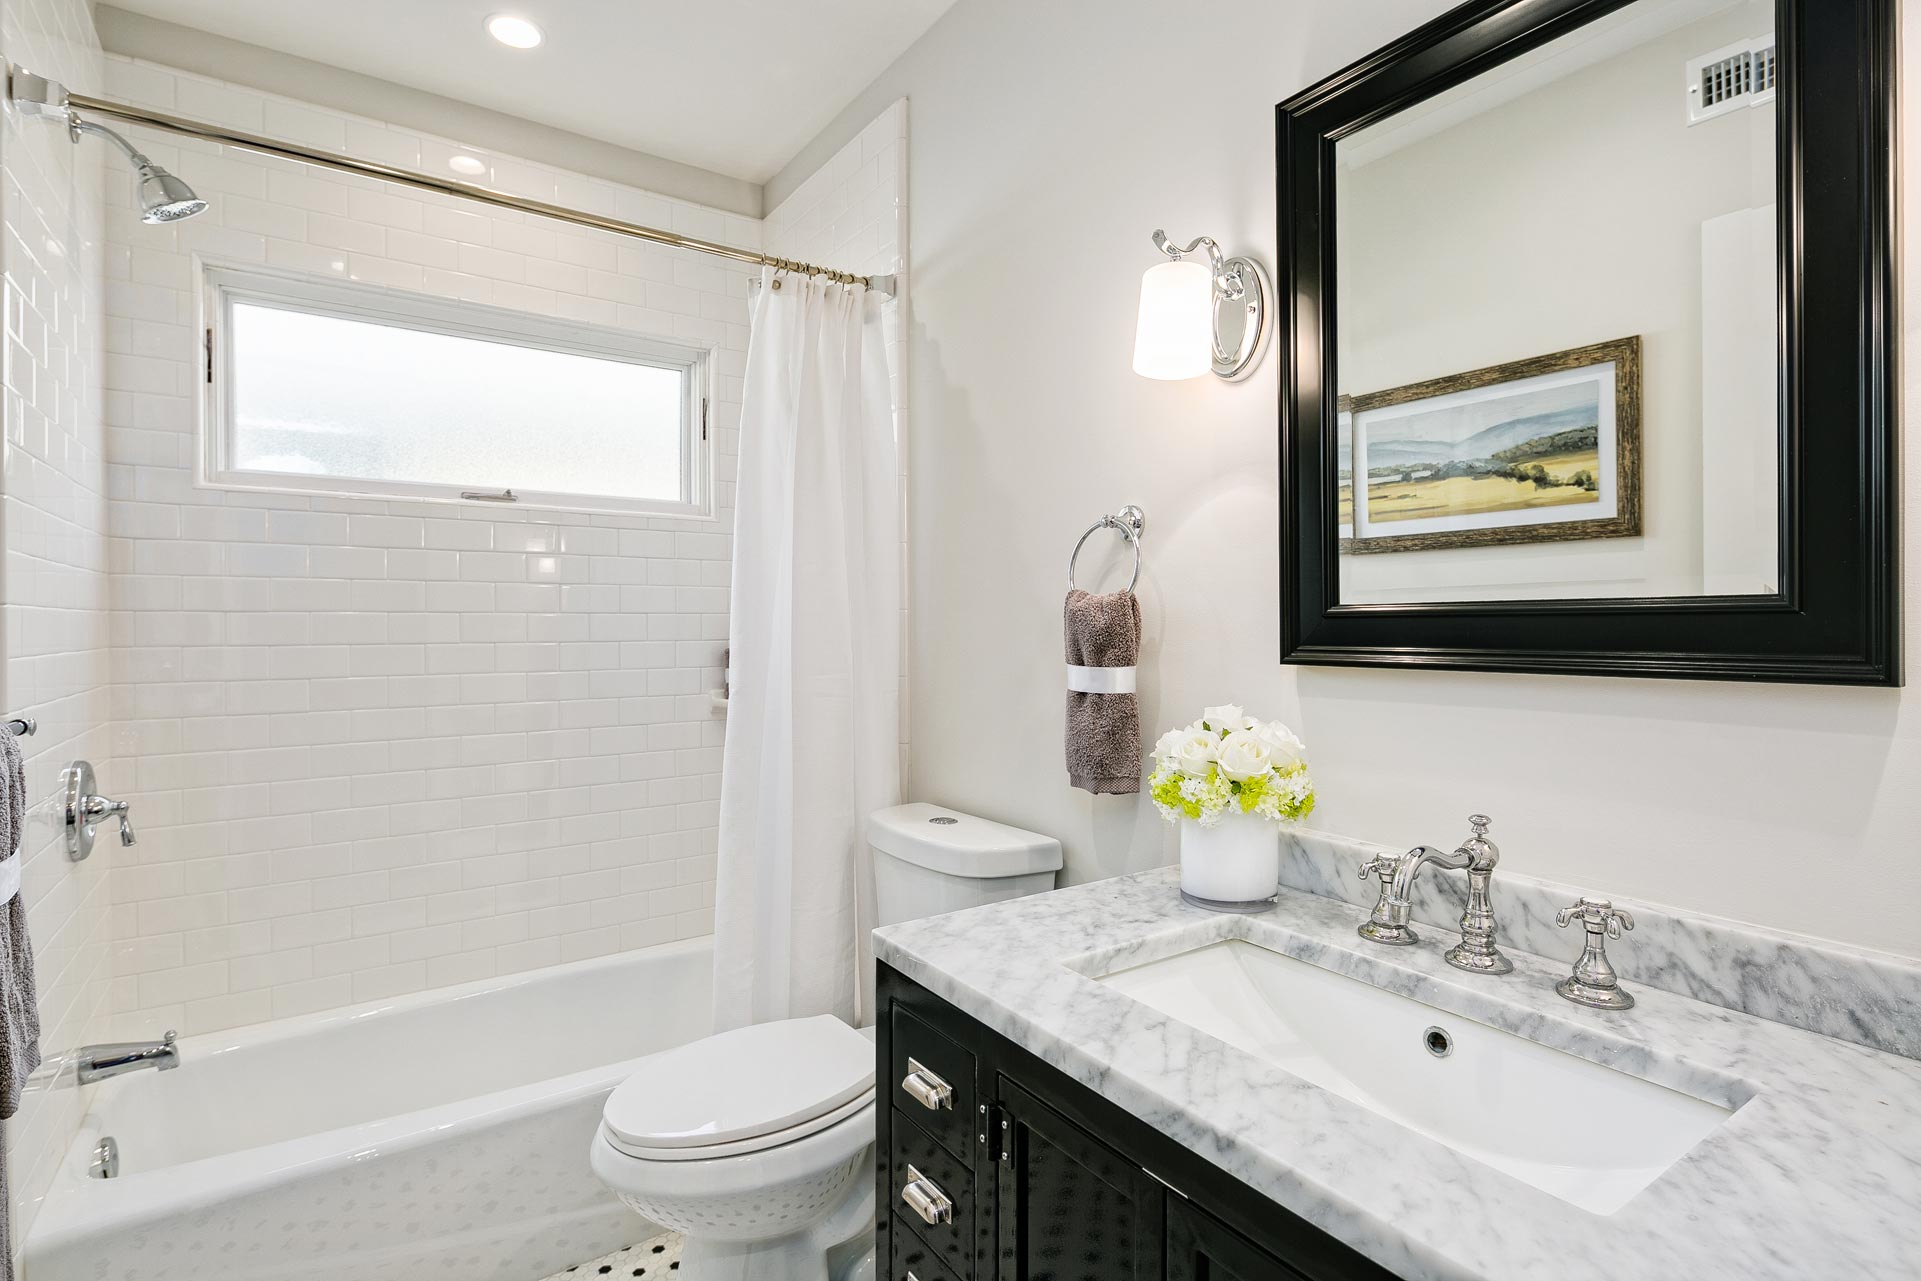 Guest-Bathroom-White-Subway-Tile-Premier-General-Contractors.jpg